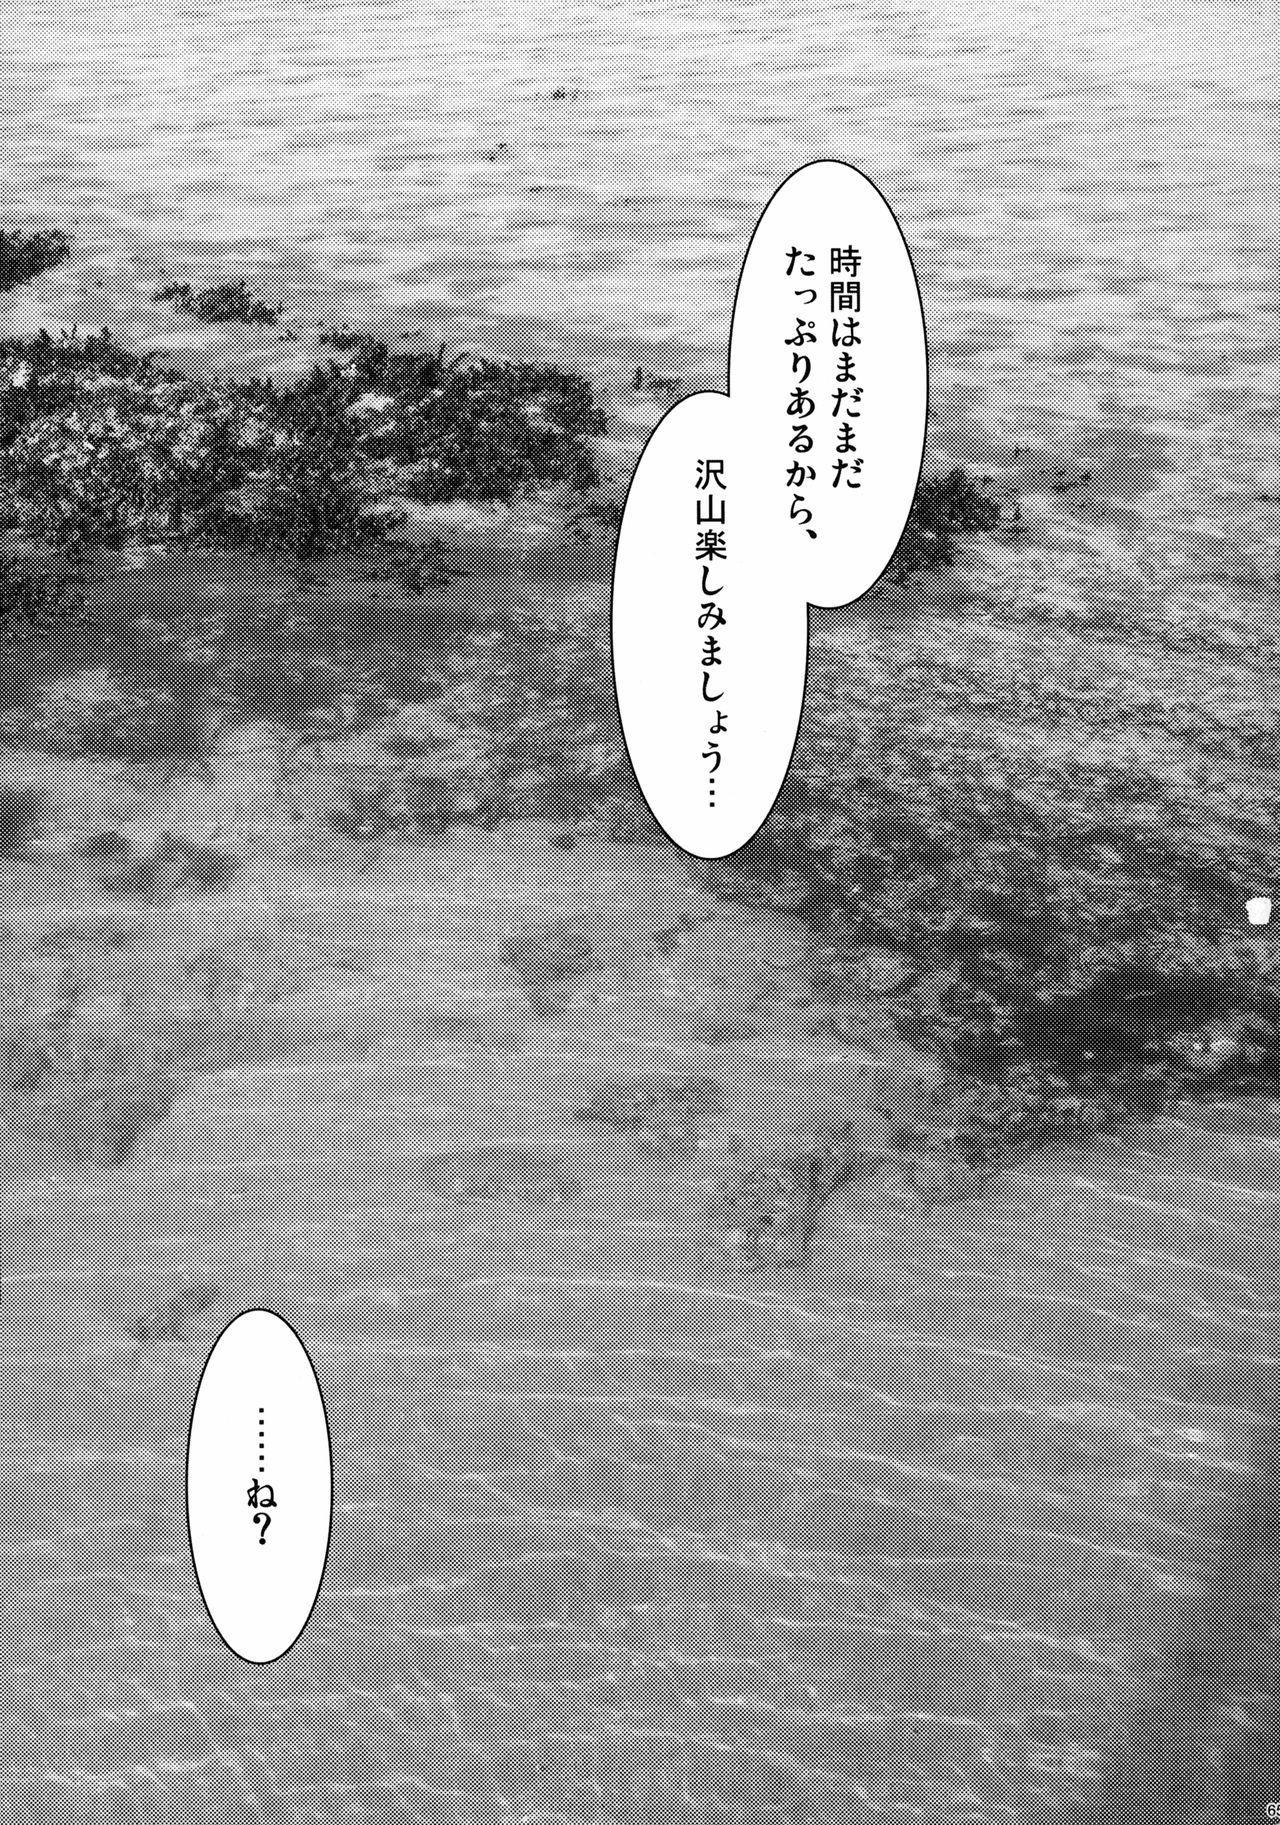 Kaku Musume Futa Suka Sairoku 62